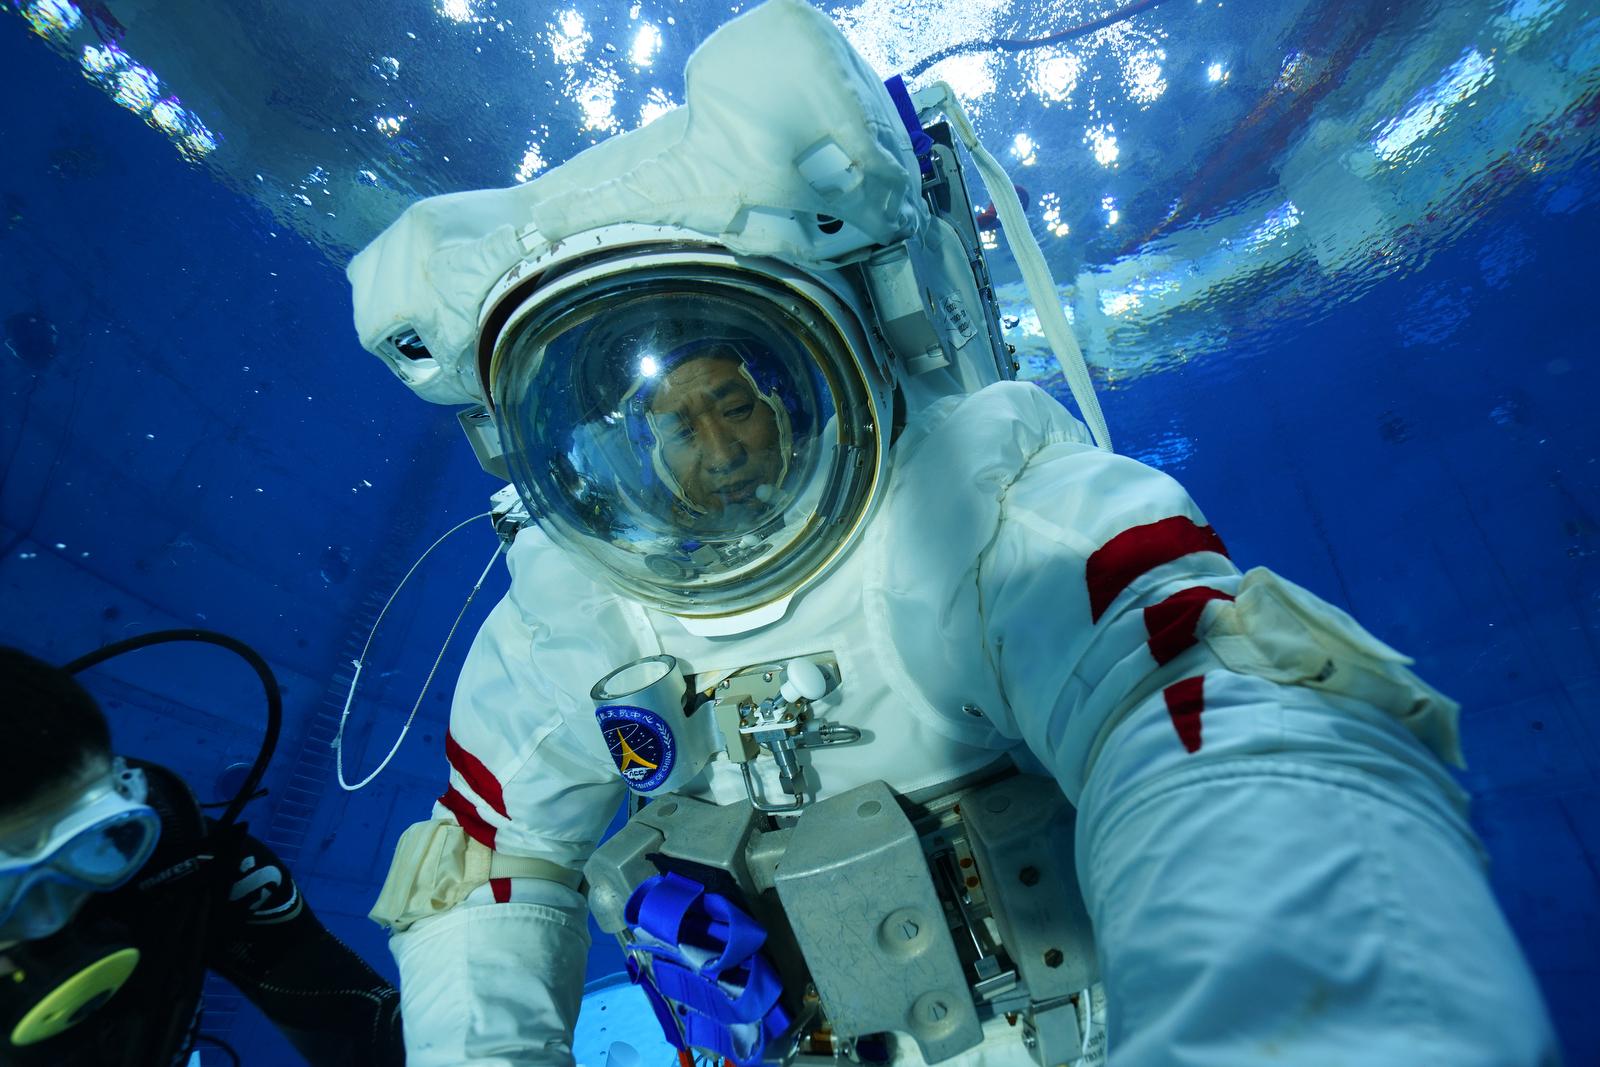 Chinese astronaut Nie Haisheng is seen during underwater training on Jan. 2, 2021. Xinhua